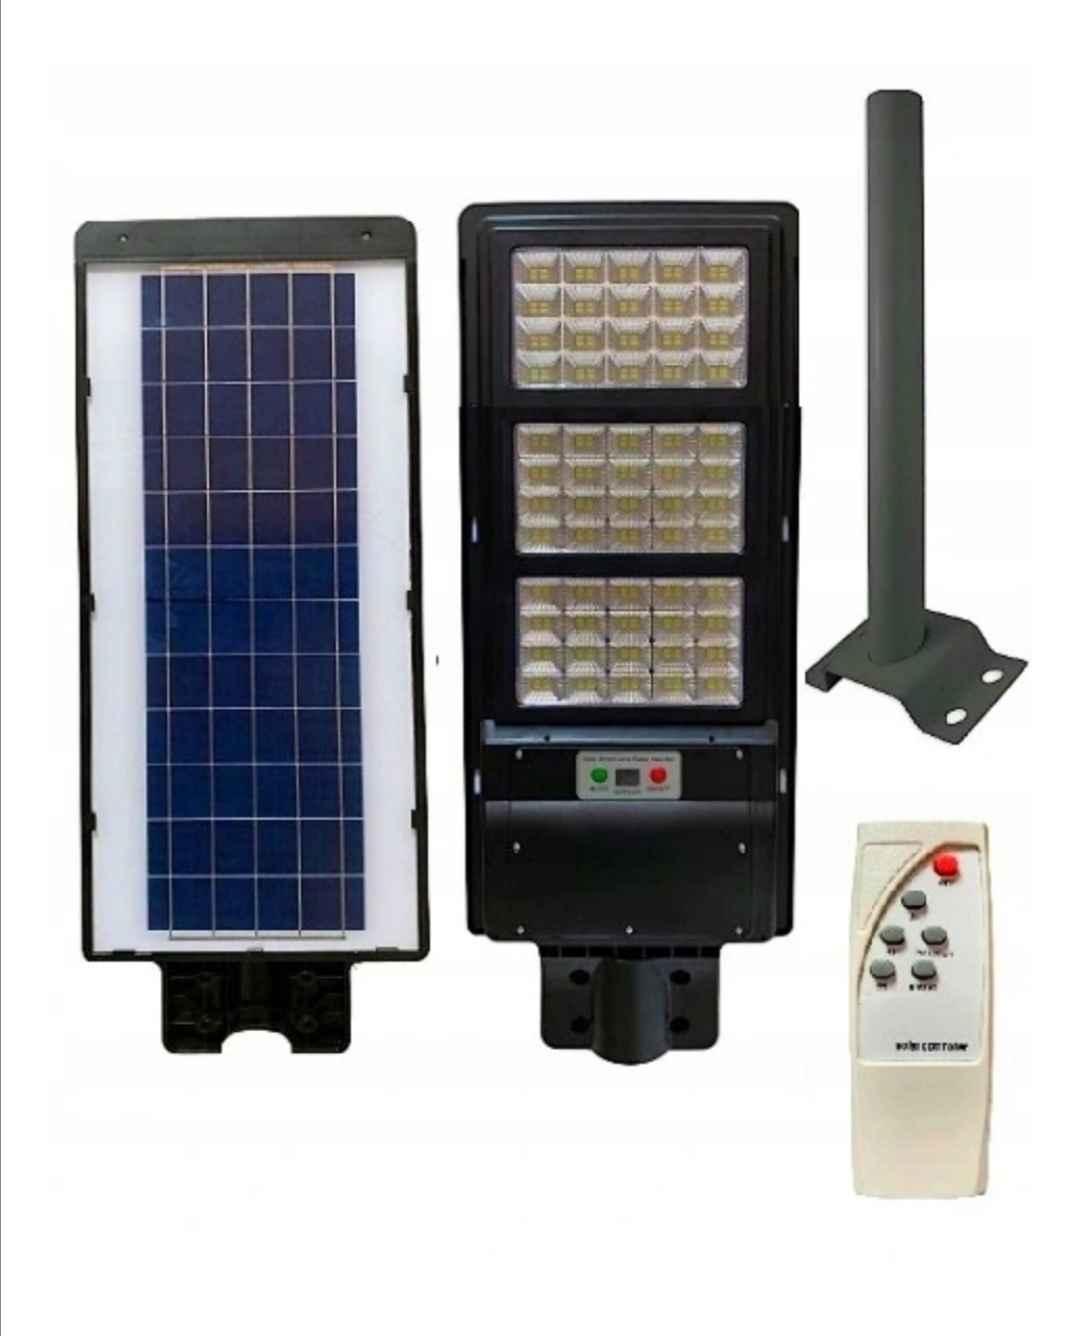 Lampy Solarne uliczne duze i male Konin - zdjęcie 5